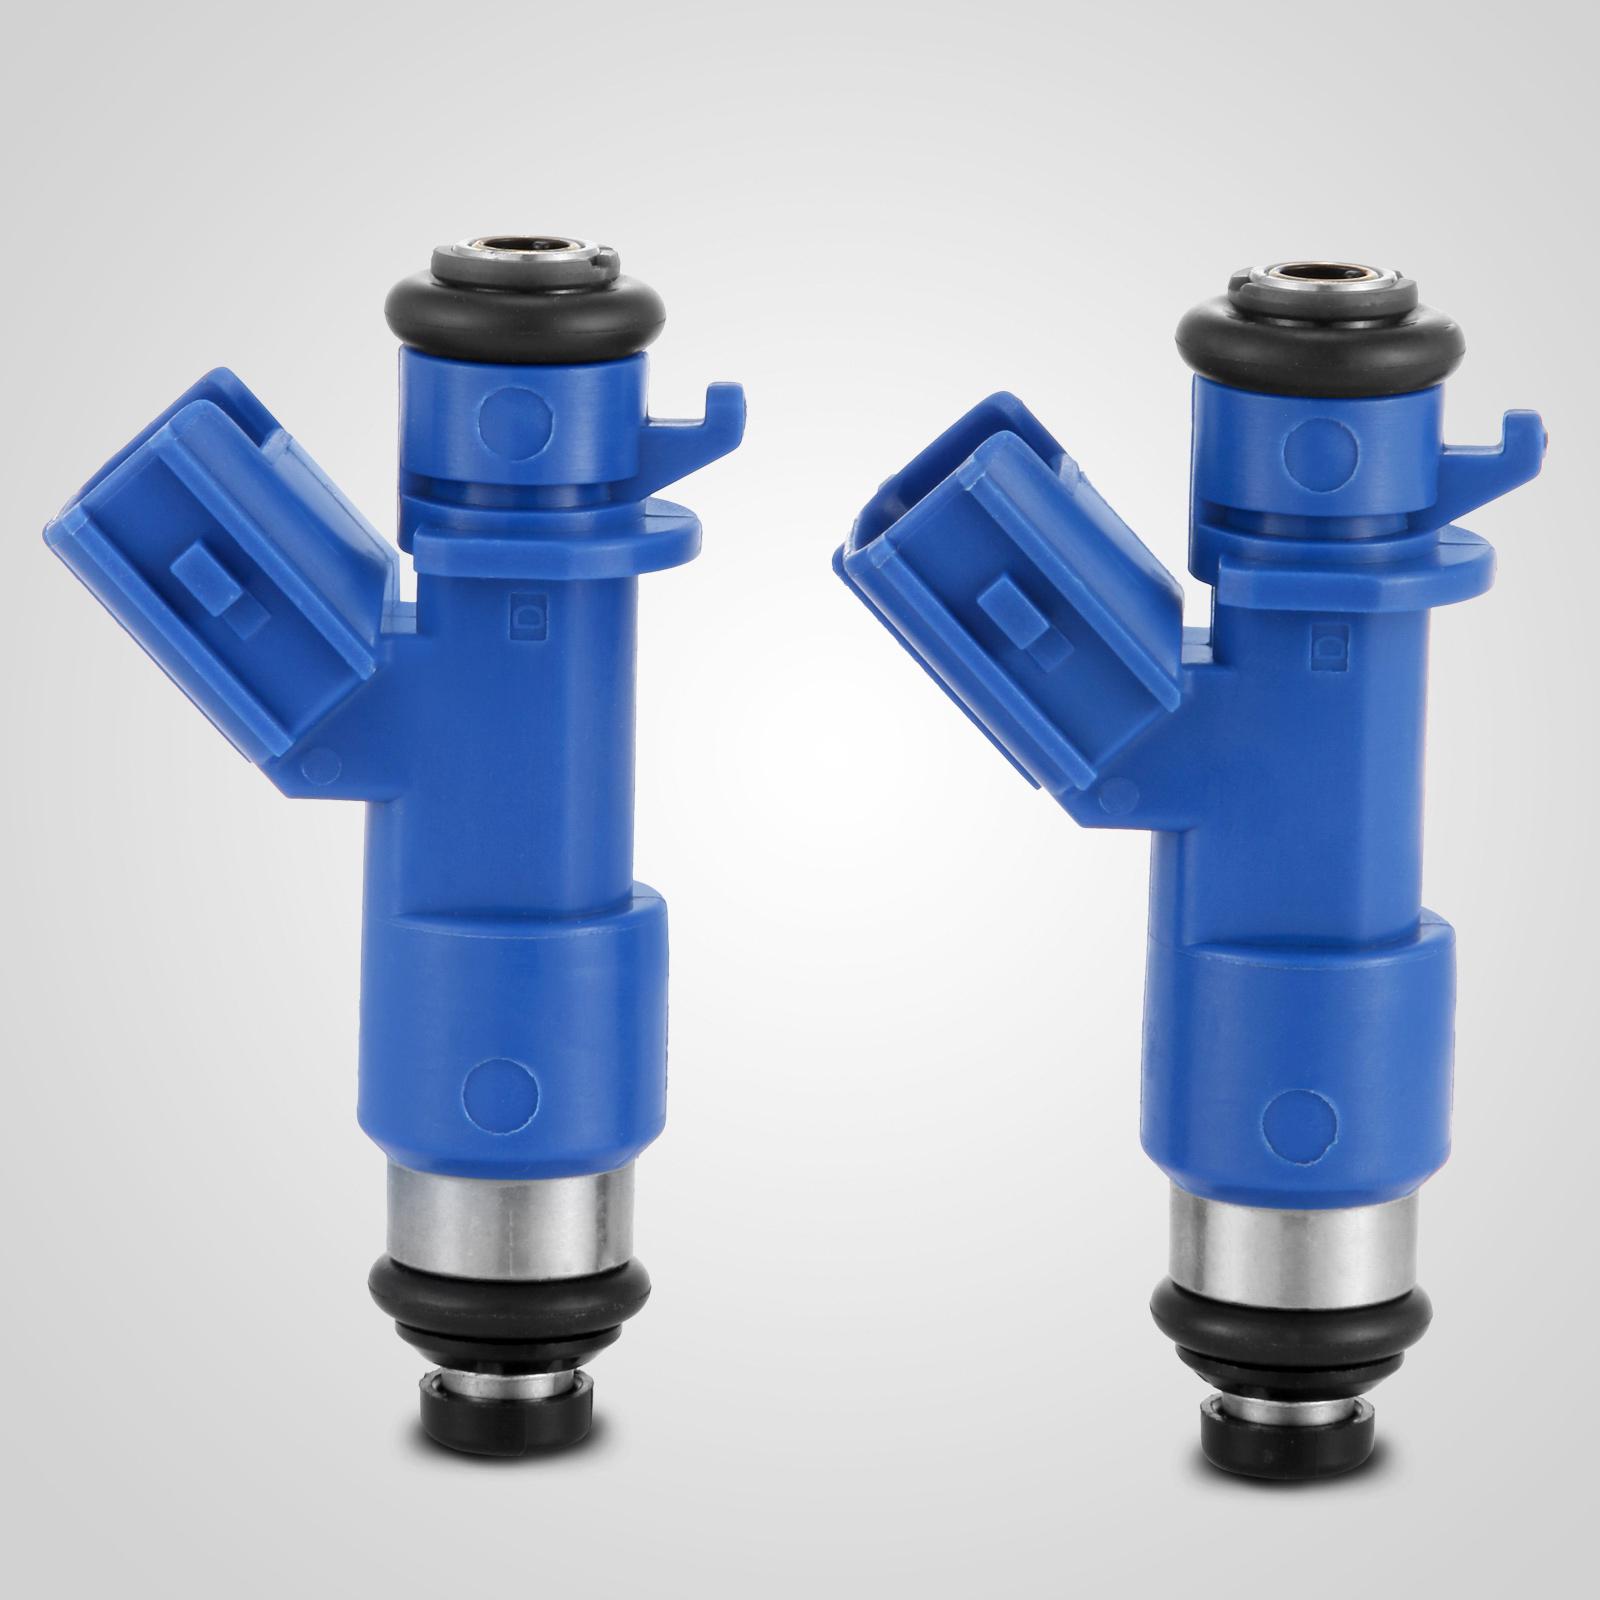 4x OEM Denso Fuel Injectors RDX 410cc 16450-RWC-A01 For